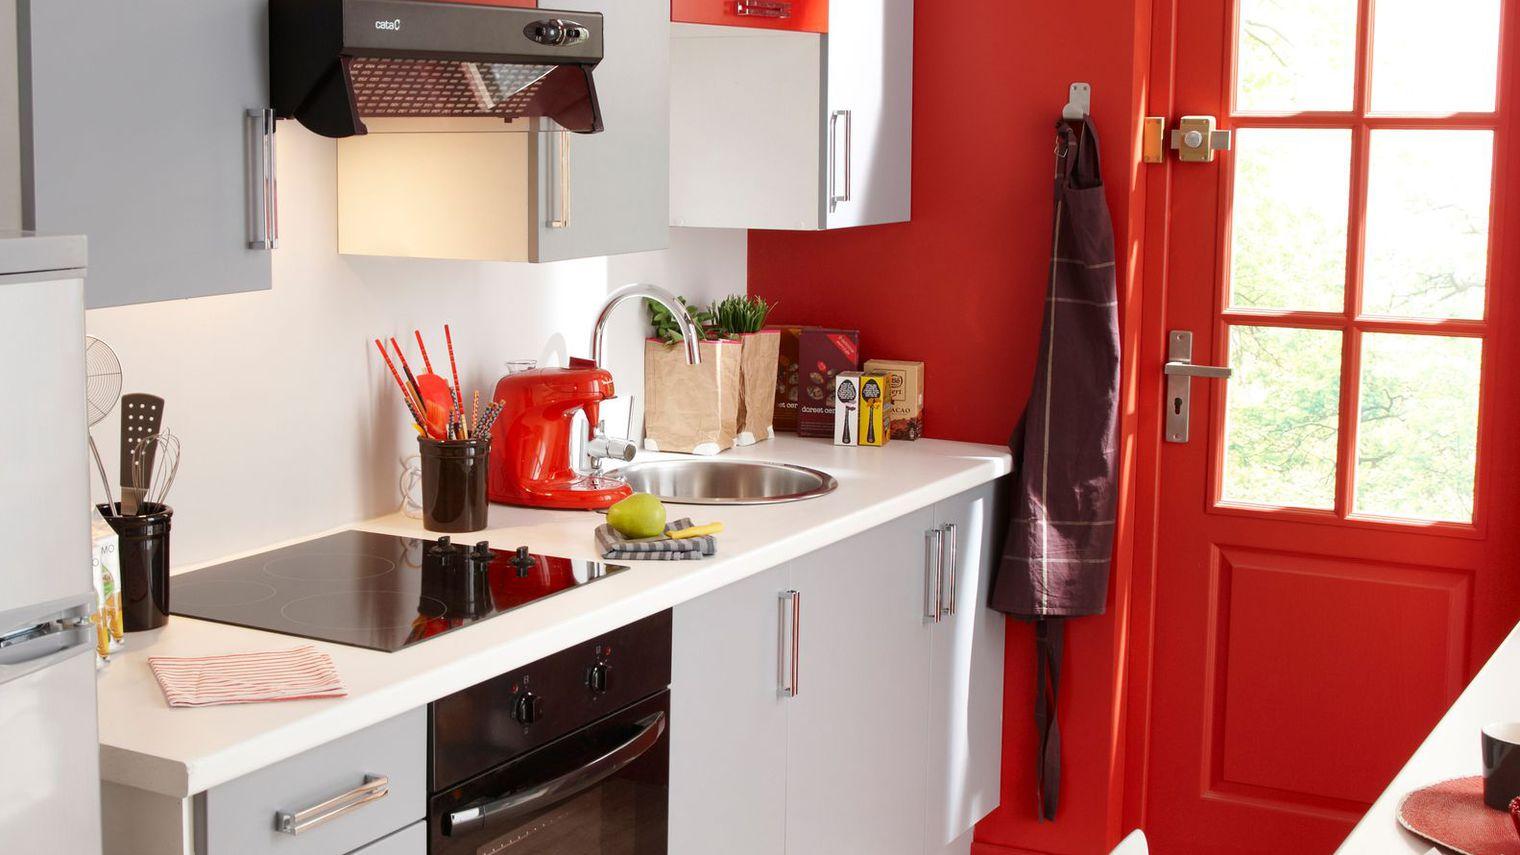 Amnagement cuisine 8m2 amenagement cuisine ouverte for Amenagement petite cuisine 8m2